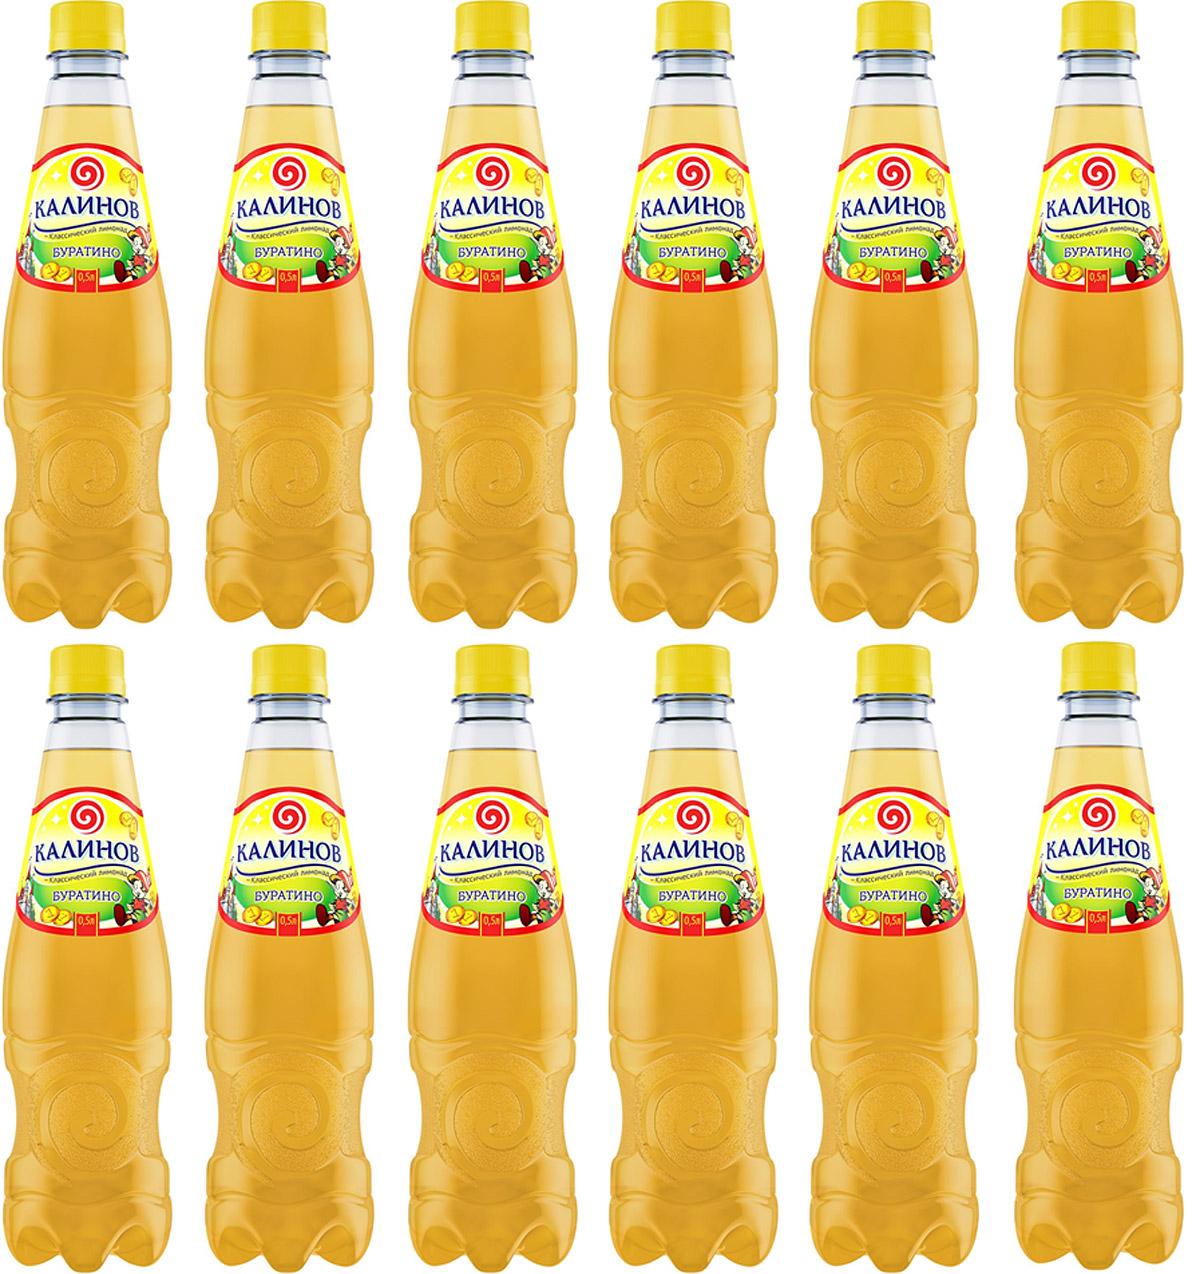 Калинов Лимонад Буратино, 12 шт по 0,5 л4607050696250Классические лимонады на основе артезианской воды Калинов Родник производятся на высококачественном вкусо-ароматическом сырье и обладают ярко выраженными прохладительными свойствами. Для приготовления лимонадов Калинов используются классические рецептуры, соответствующие требованиям ГОСТа. Благодаря пониженному содержанию сахара все напитки серии являются низкокалорийными. Они производятся без применения цикламатов и сахарина, что значительно усиливает их диетические свойства.